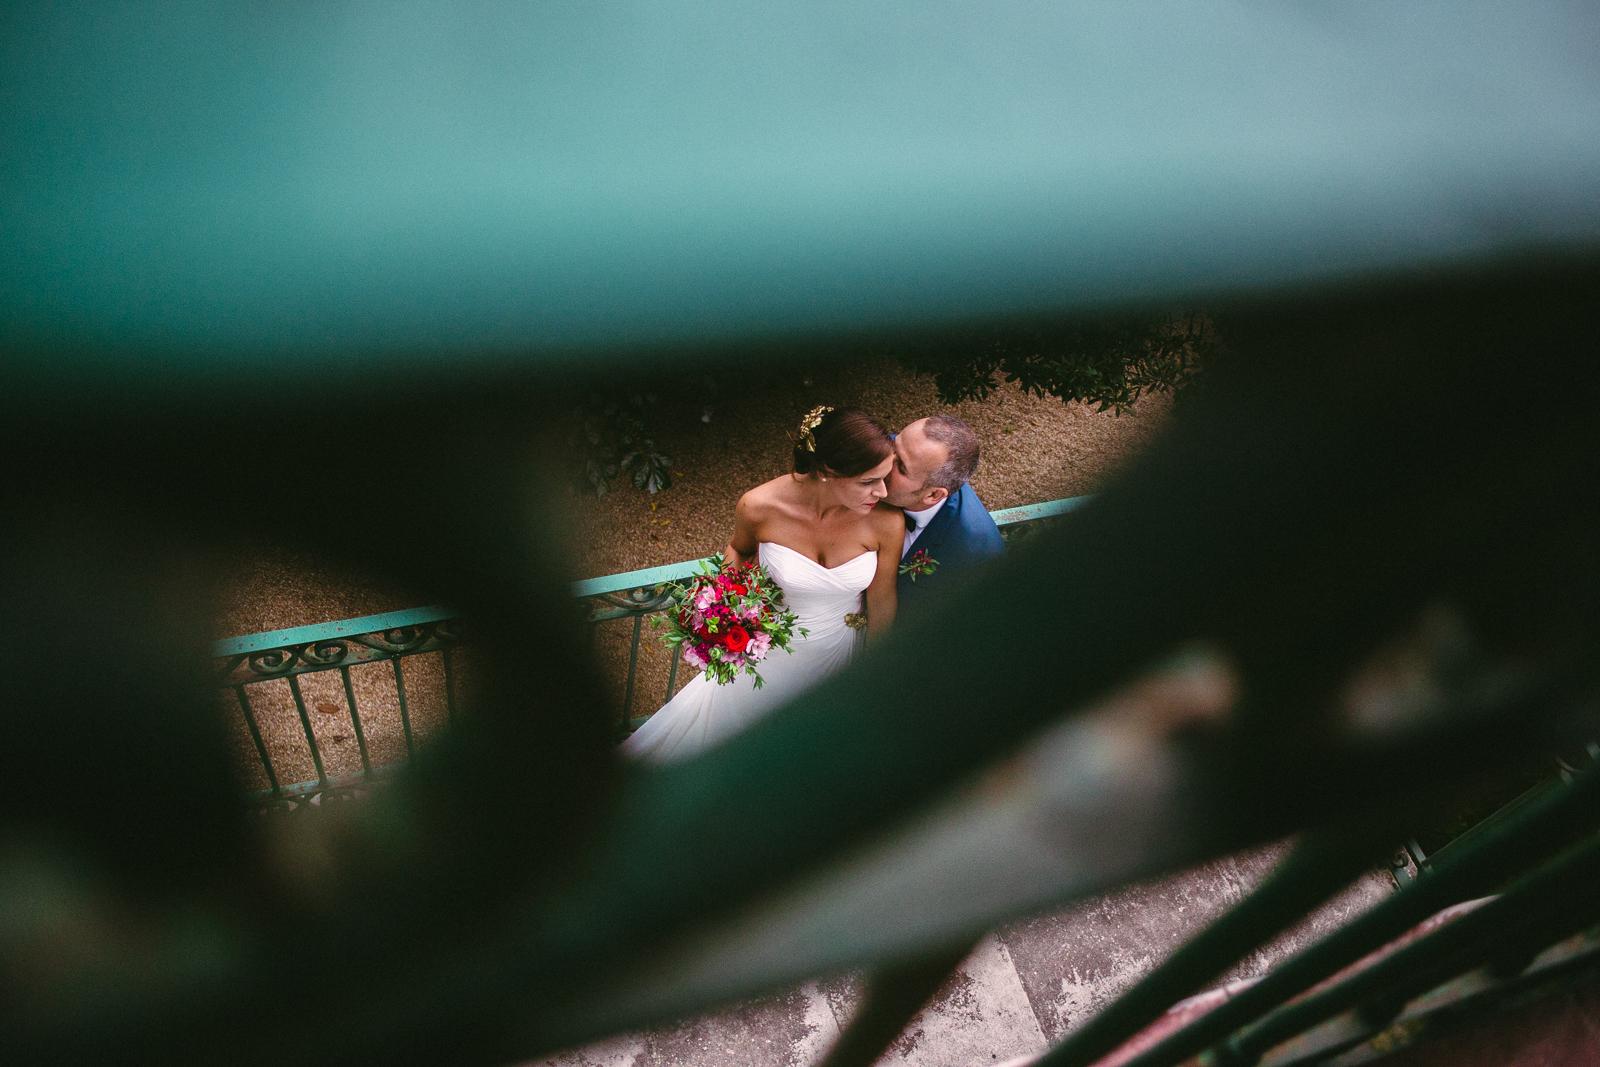 FOTOGRAFOS BODAS CANTABRIA SANTANDER BODA RINCON HAZAS DE CESTO ELENA Y TOÑIN-217.jpg